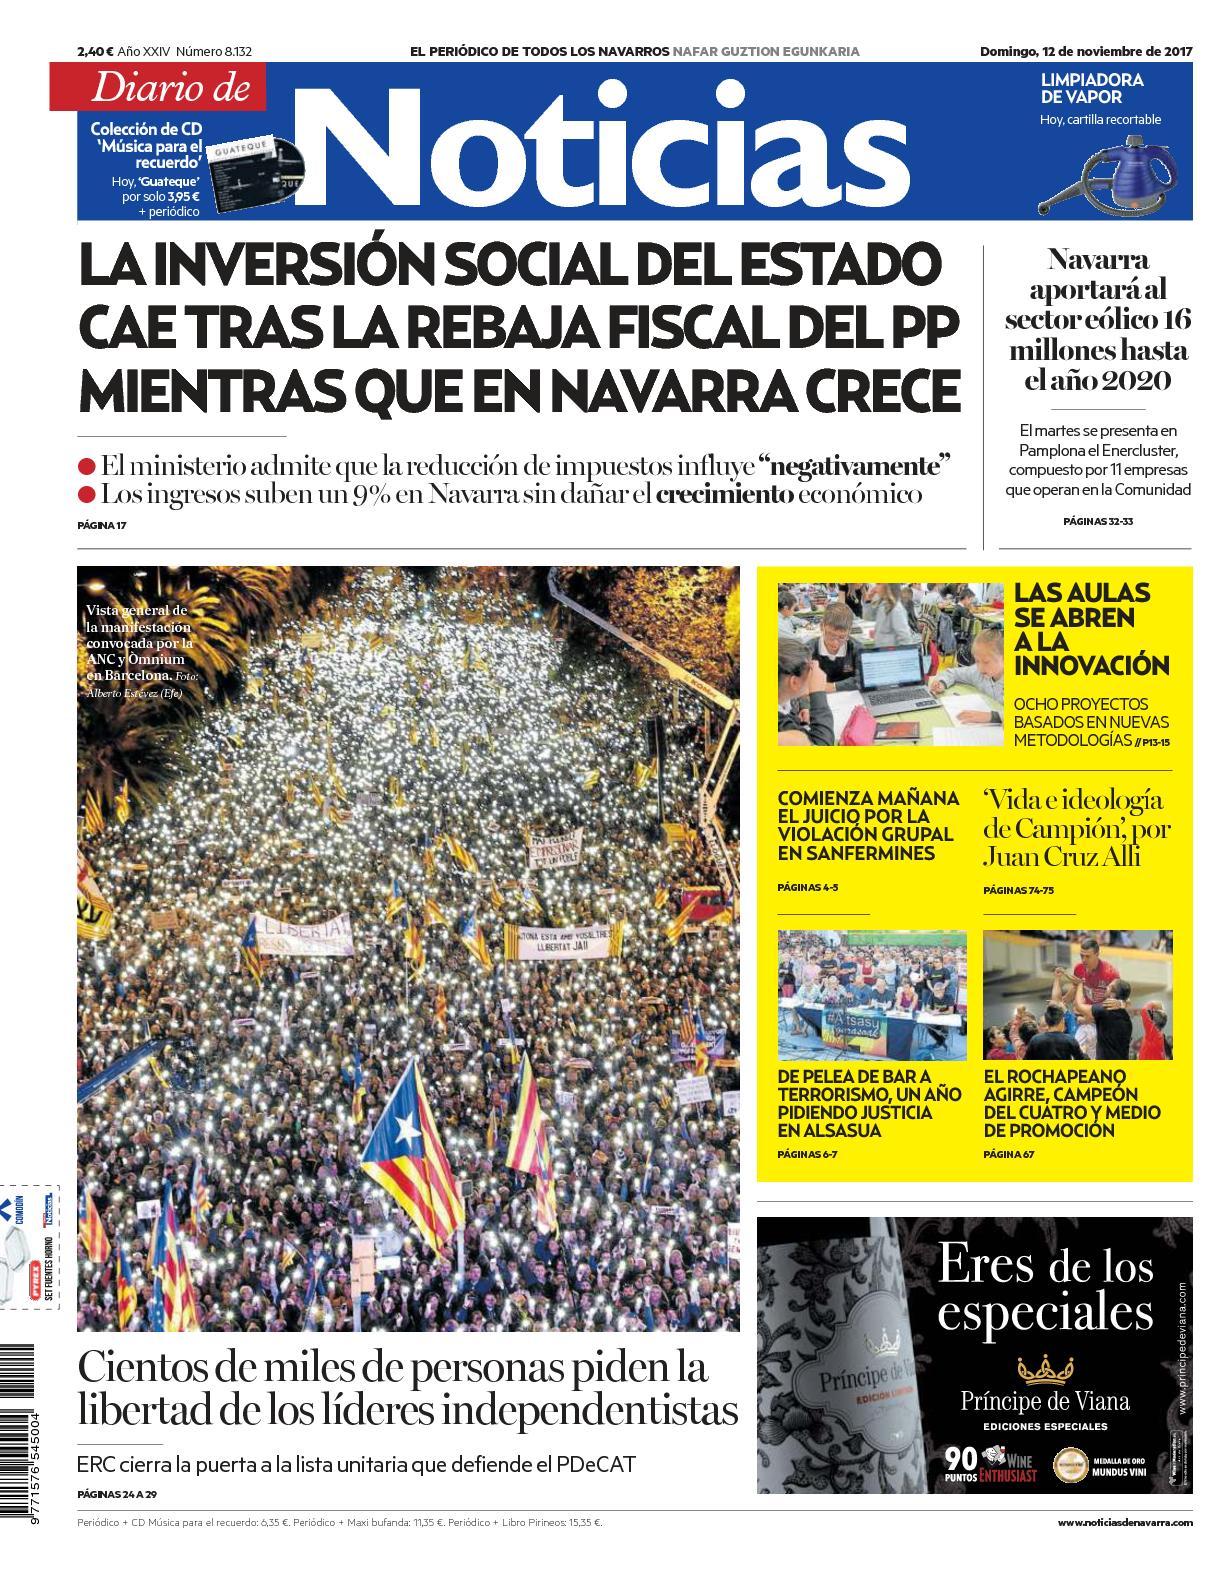 Citas celebres hombres catalana bruselas